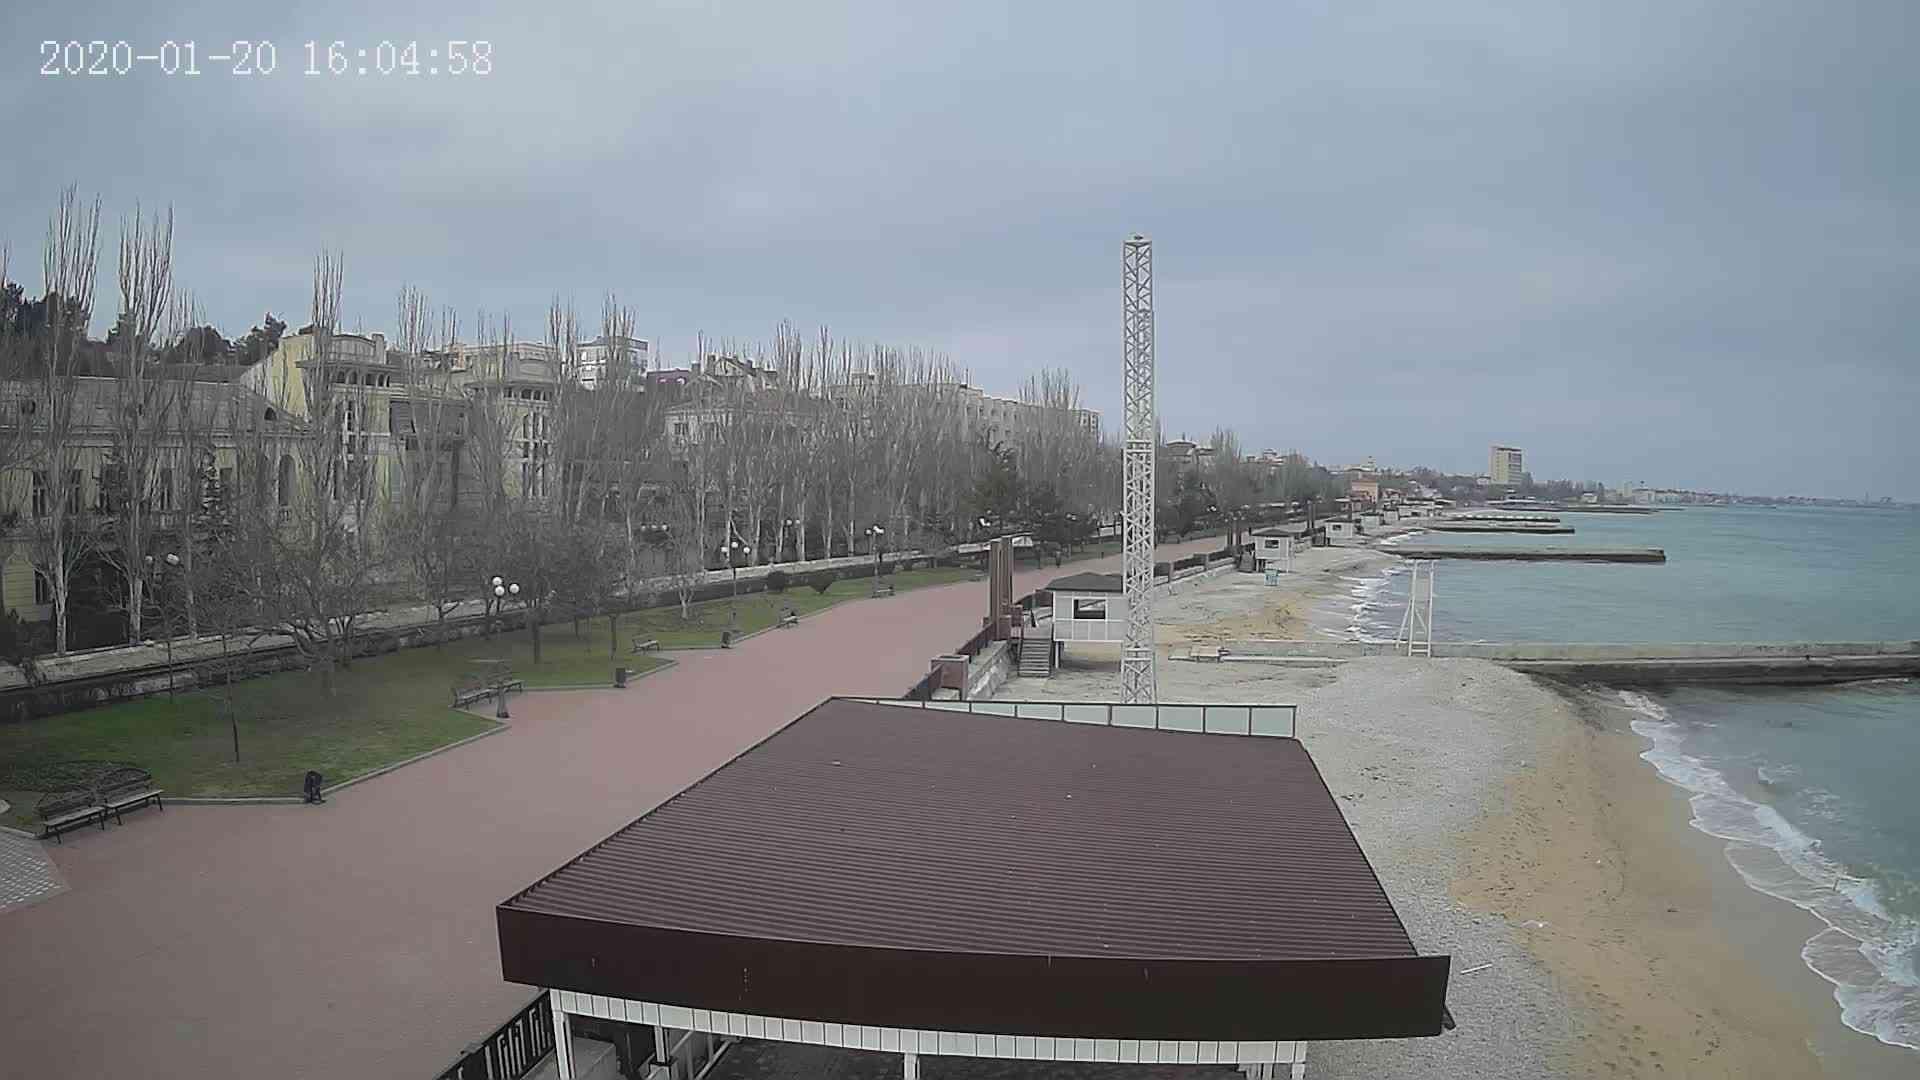 Веб-камеры Феодосии, Пляж Камешки, 2020-01-20 16:05:20